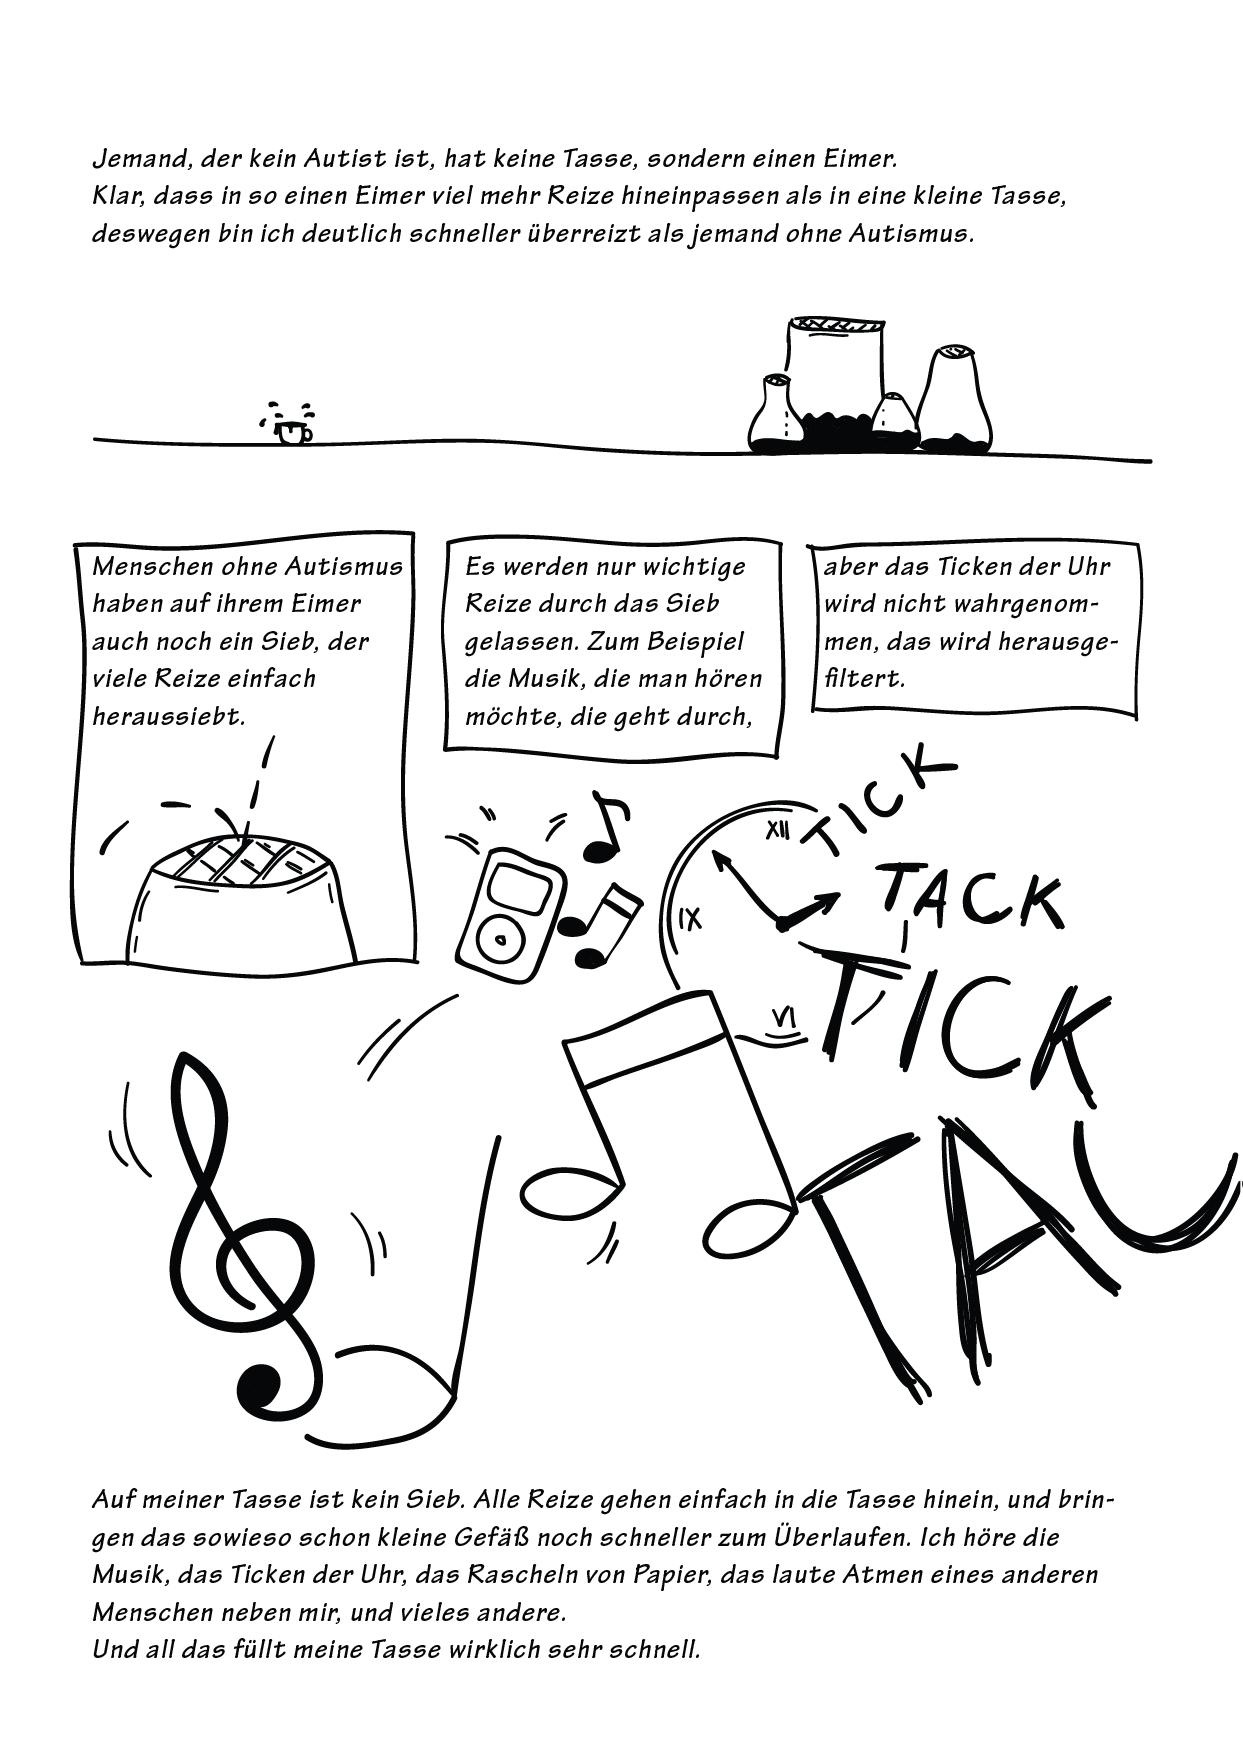 Ein EULALIA THE OOVL Comic von Vera Liesmann über Asperger-Autismus.